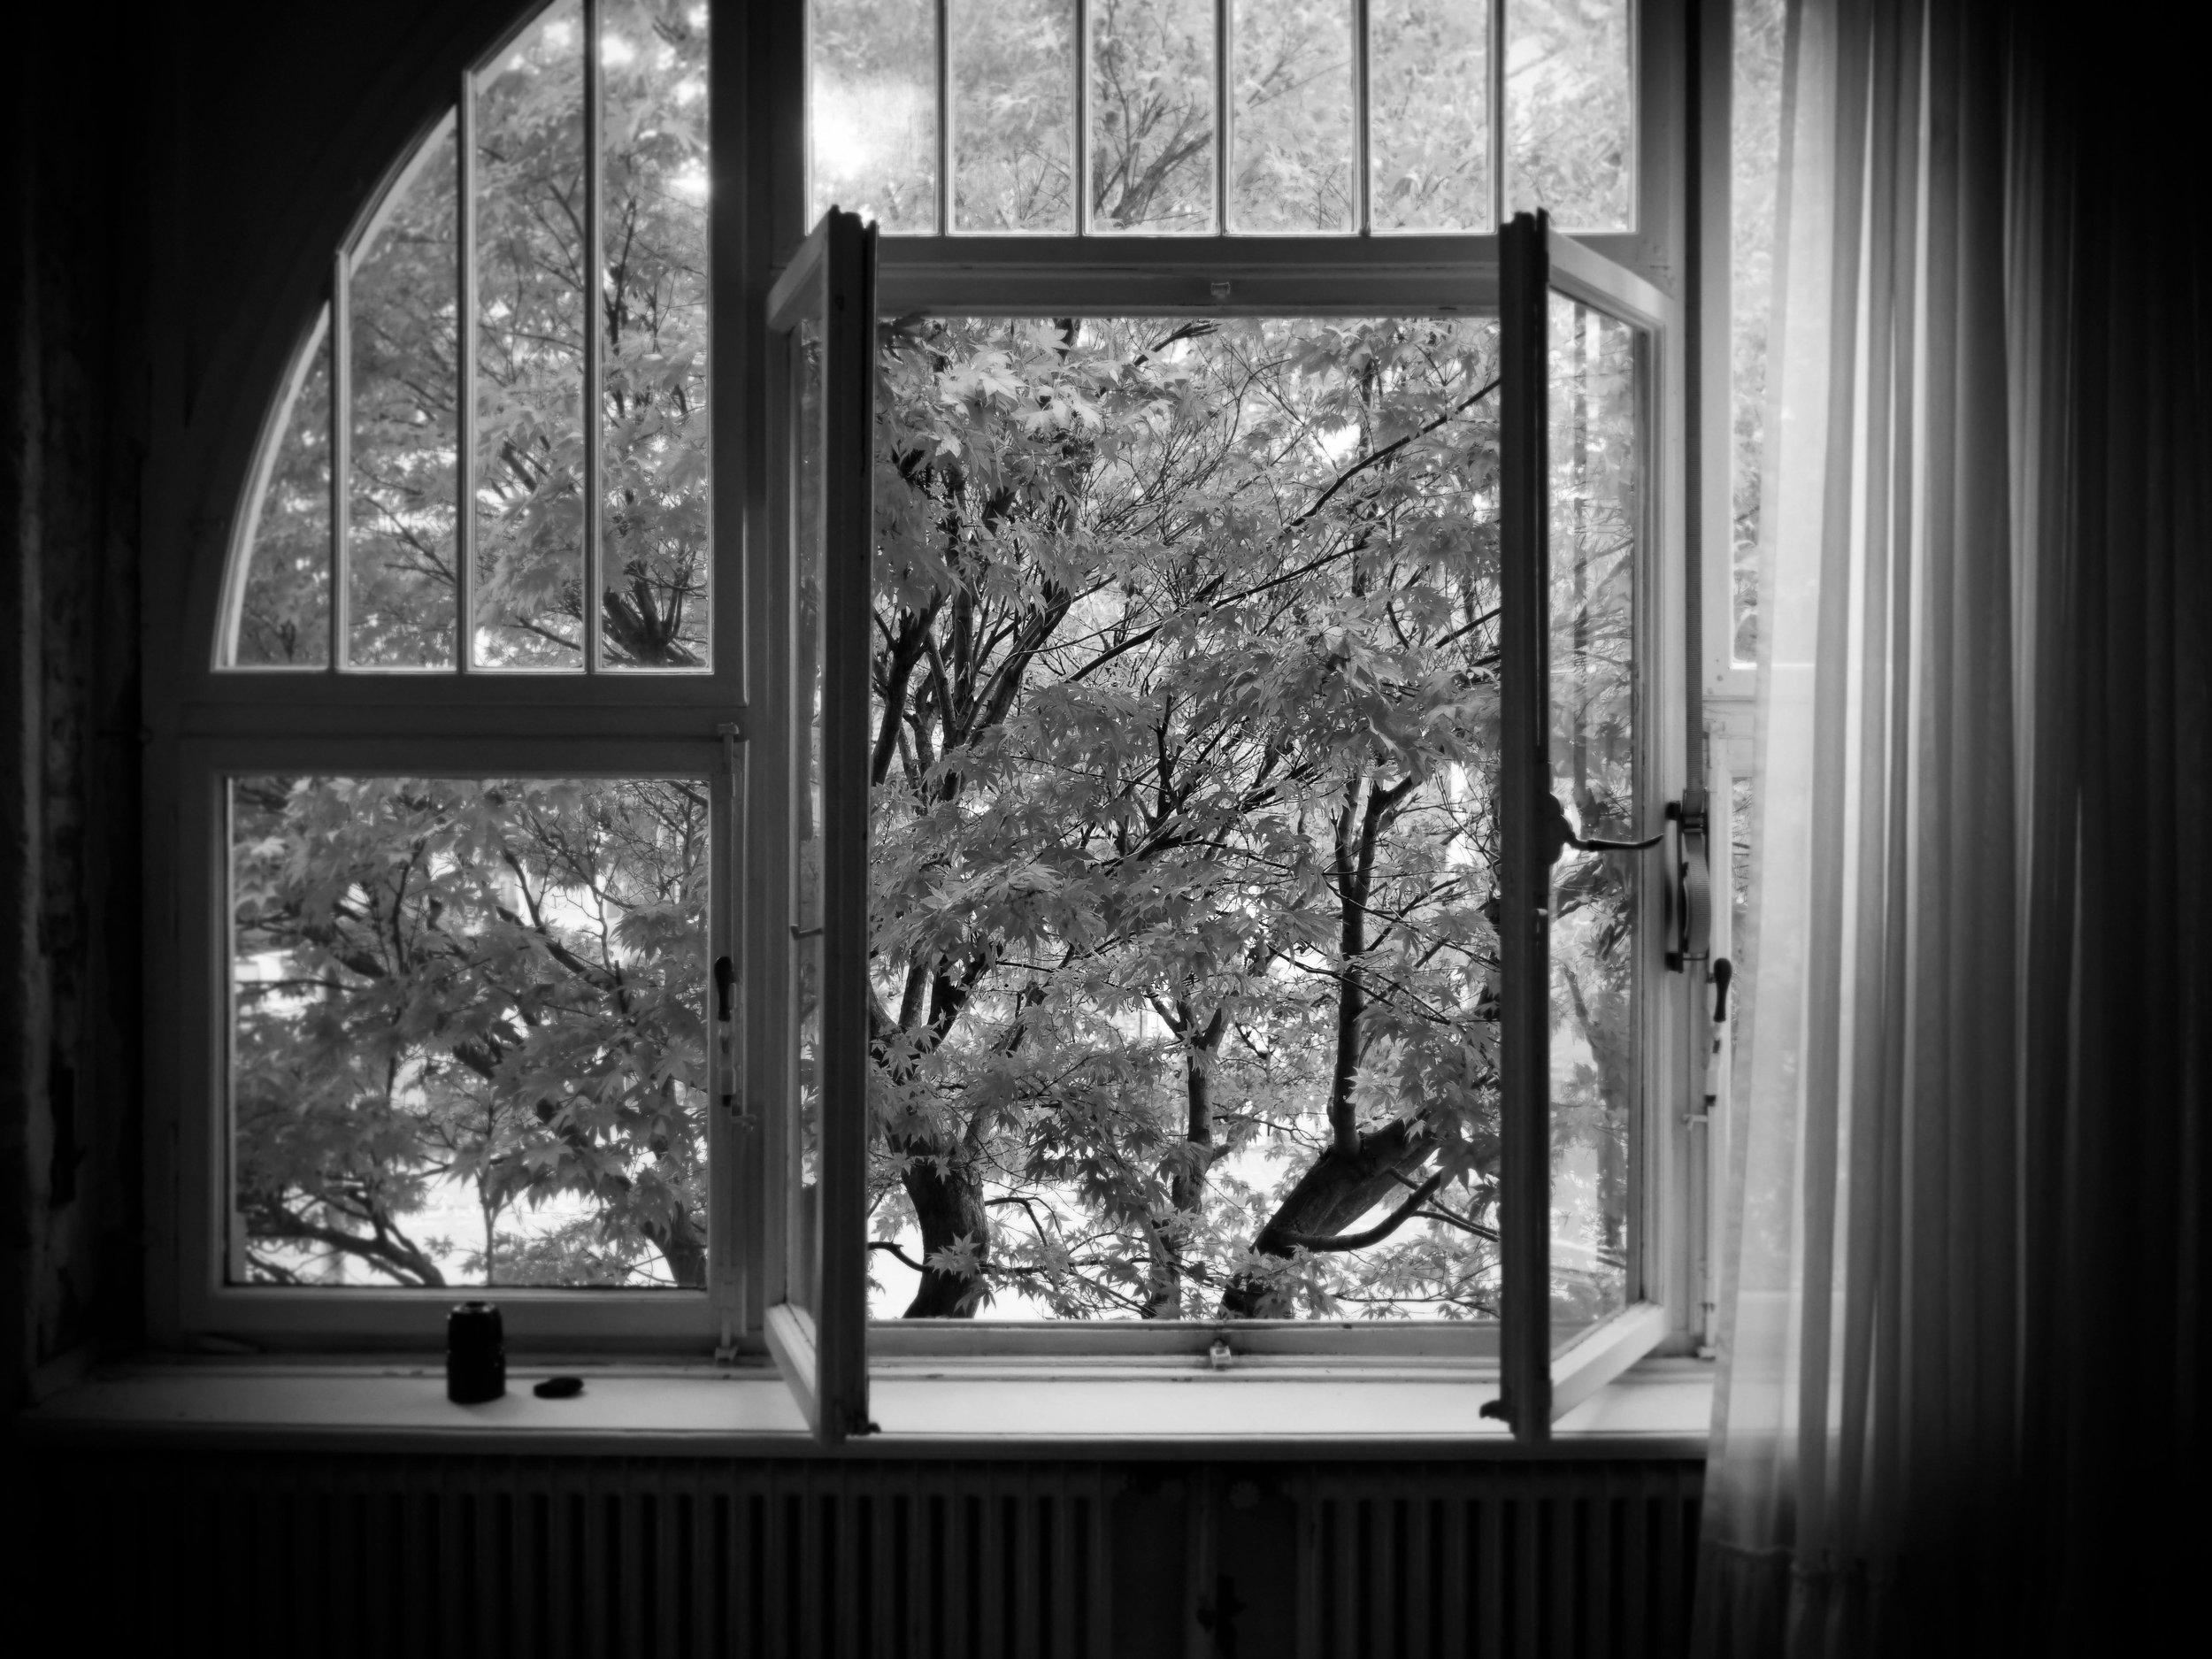 Portraitfotograf in Bonn Fotograf Daniel Hammelstein P1099541_Exp.jpg